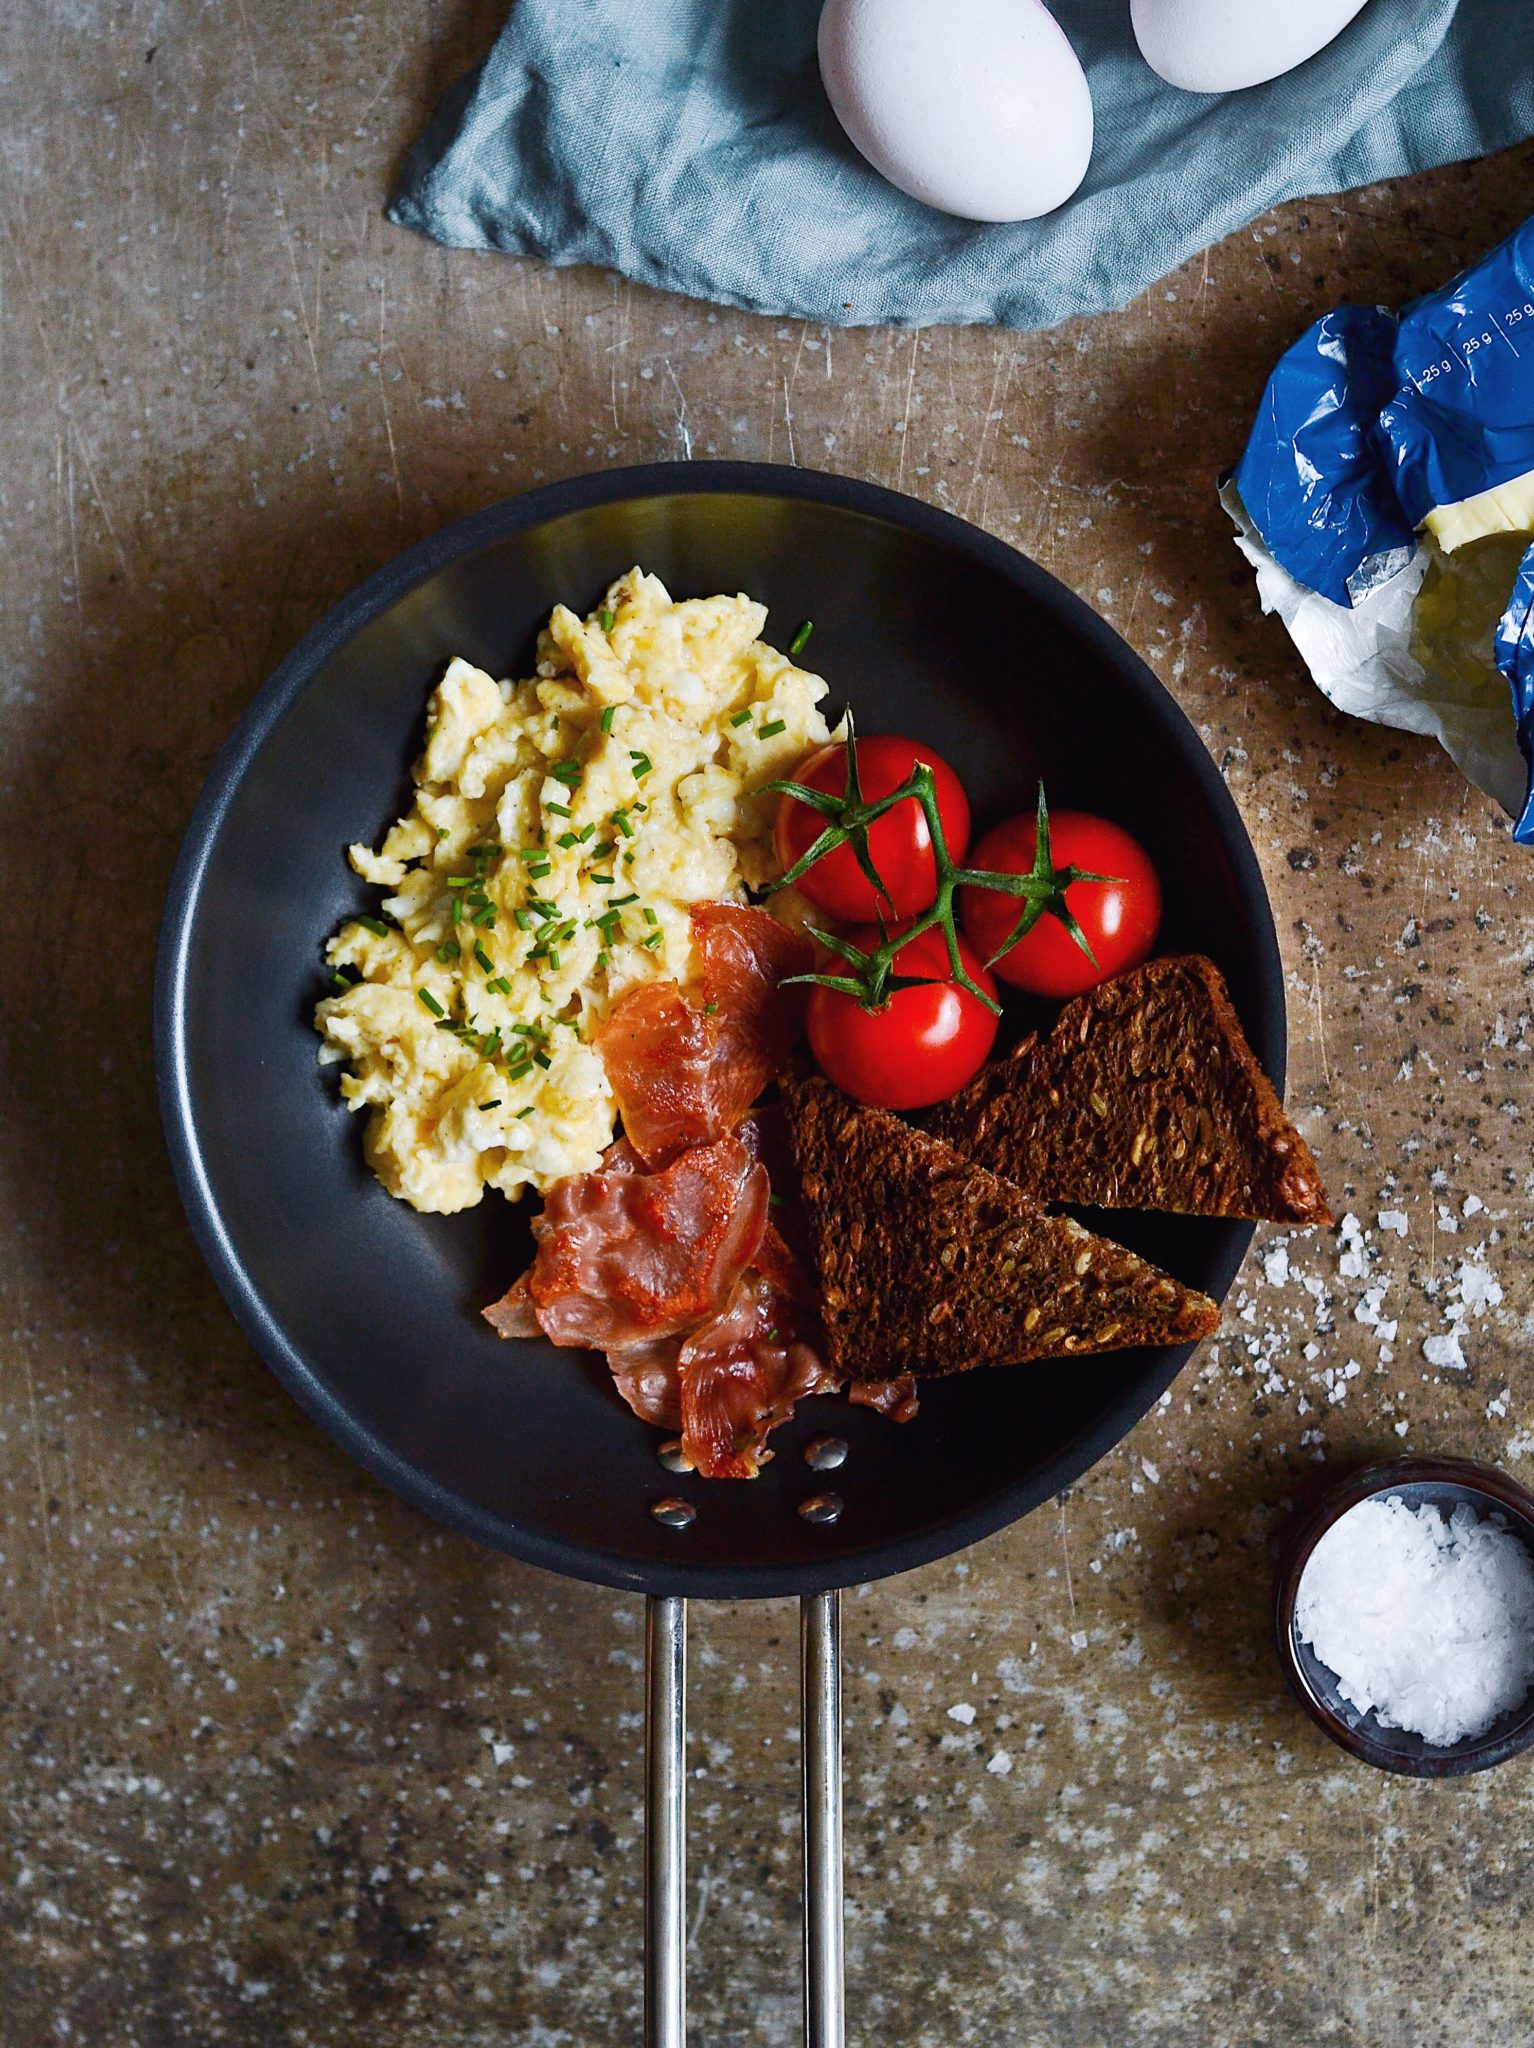 røræg cremede scramble eggs bedste opskrift